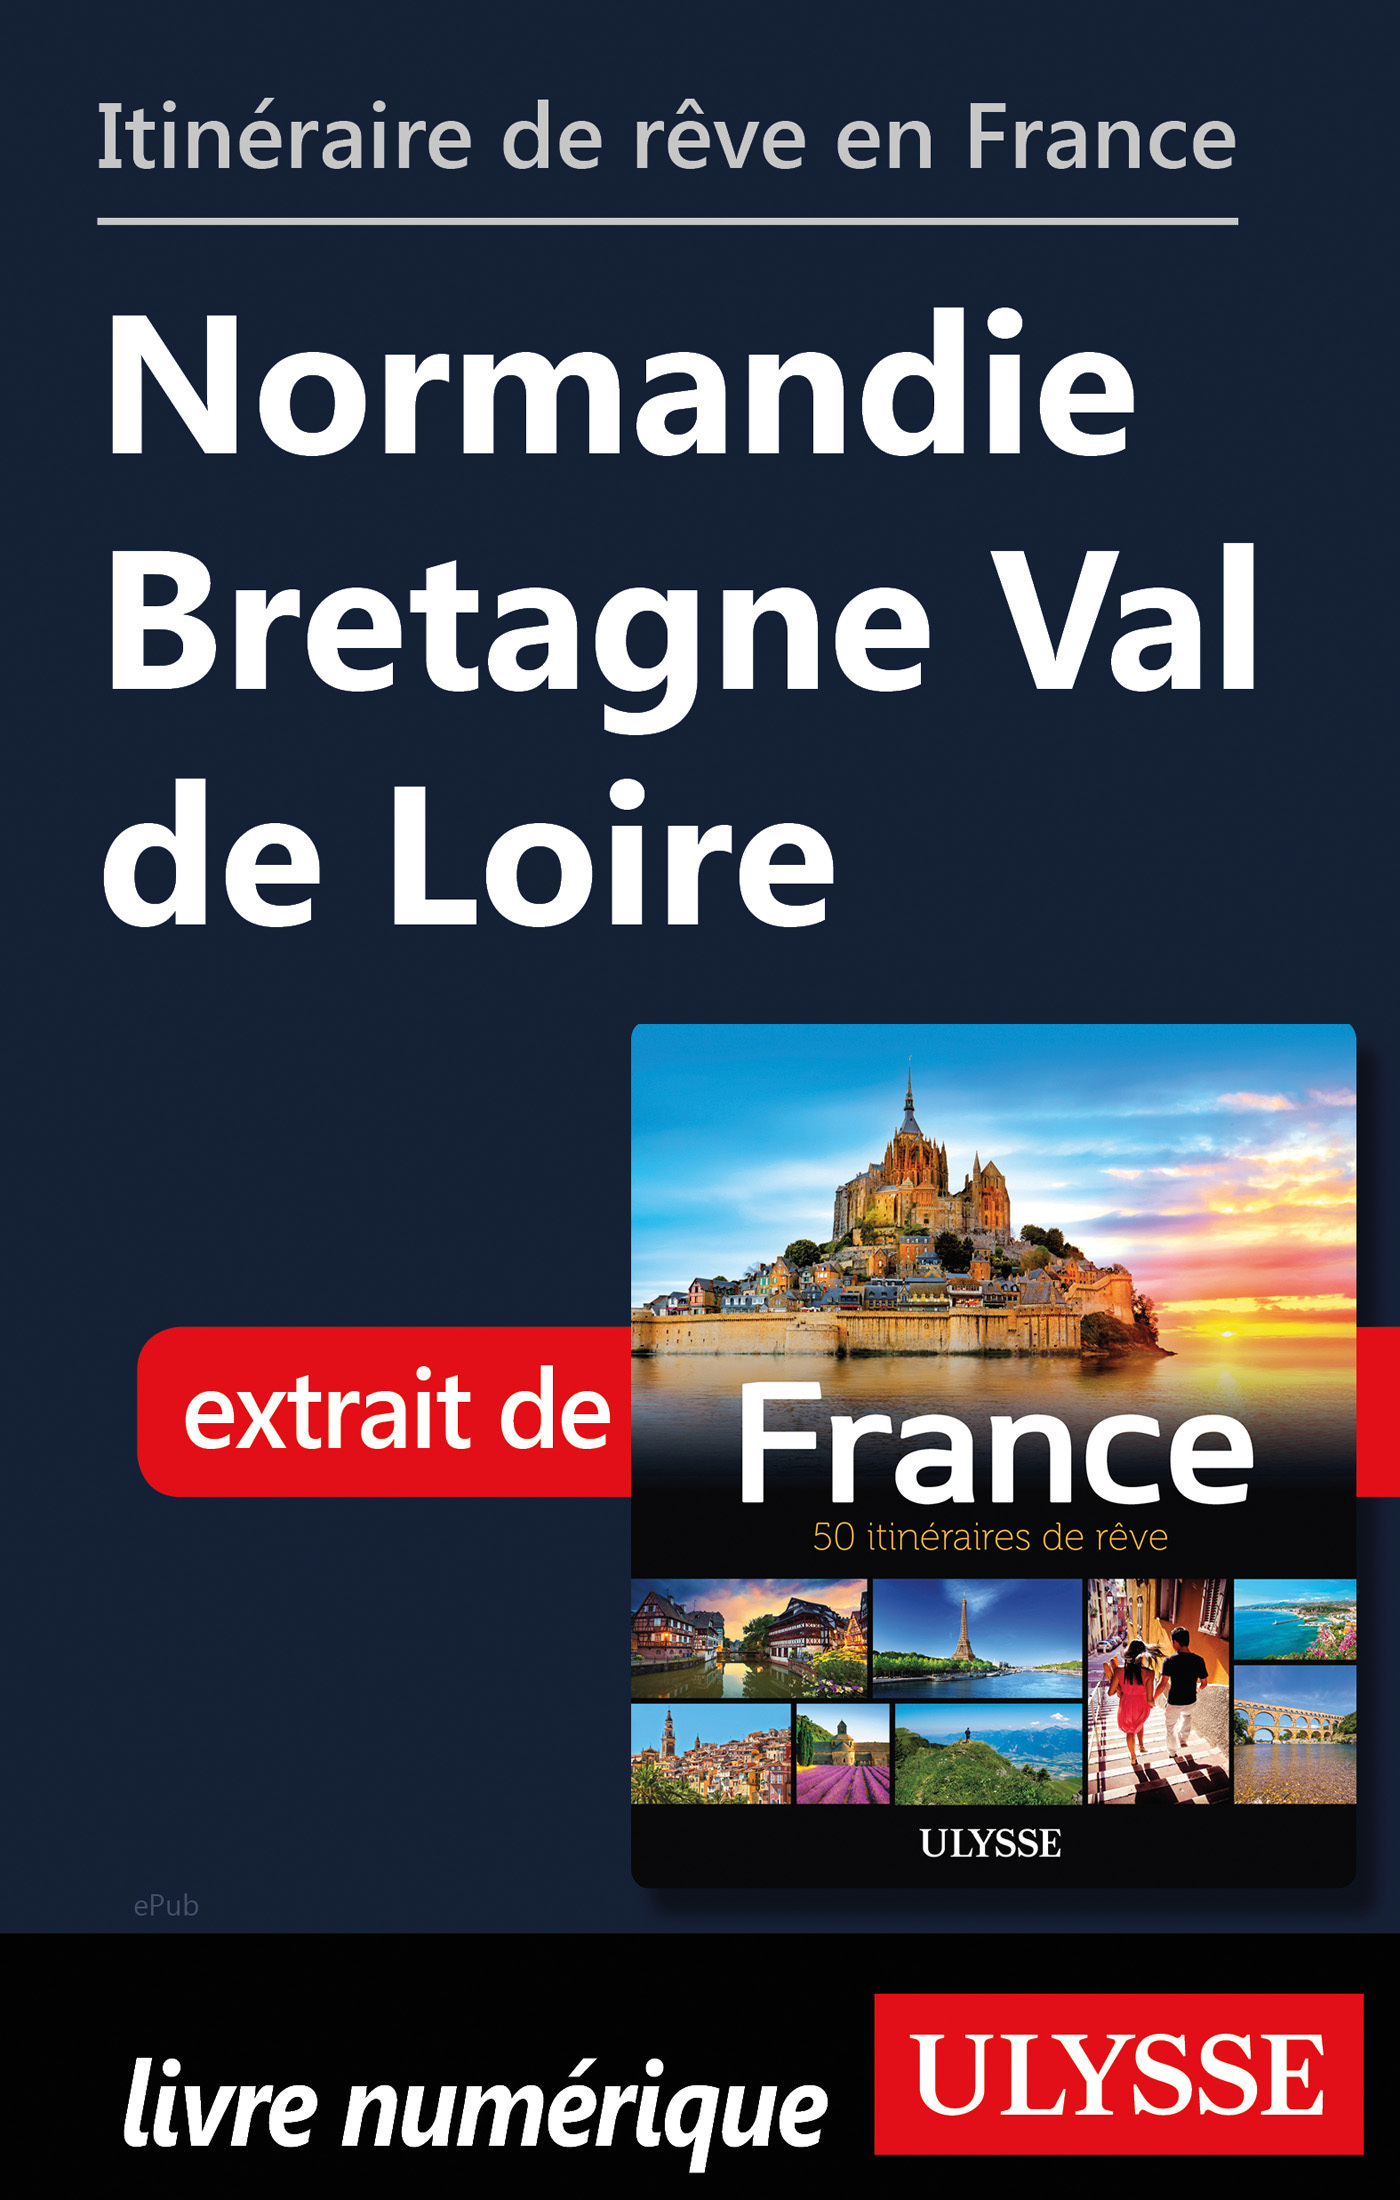 Itinéraire de rêve en France - Normandie Bretagne Val de Loire